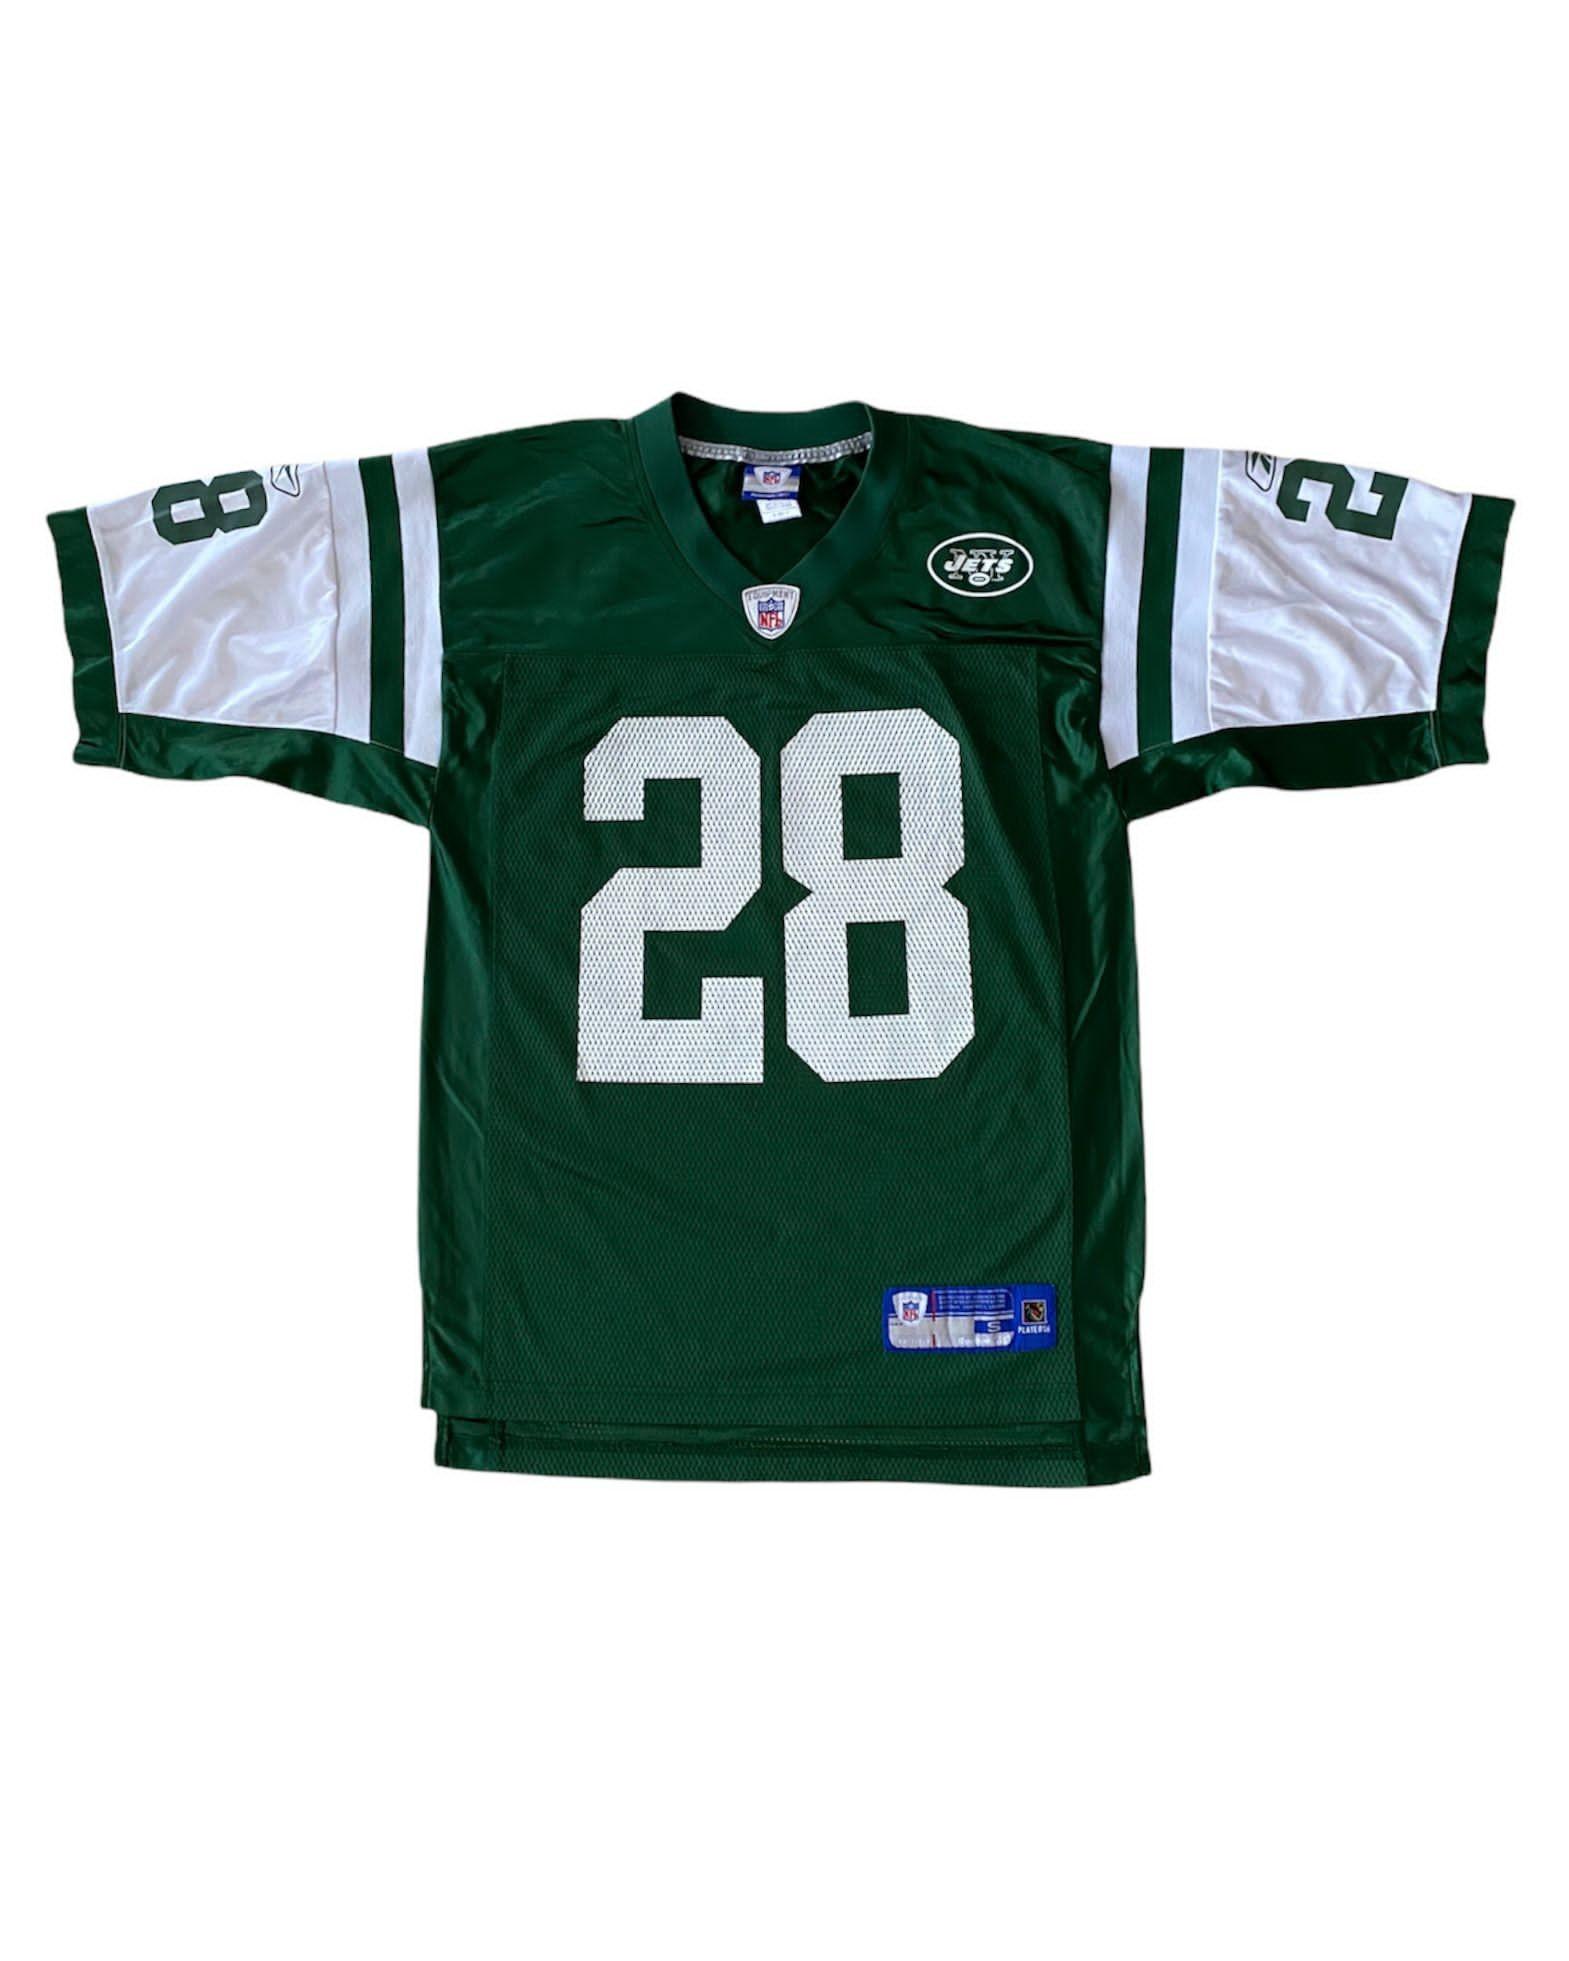 Reebok New York Jets NFL Jersey (S)